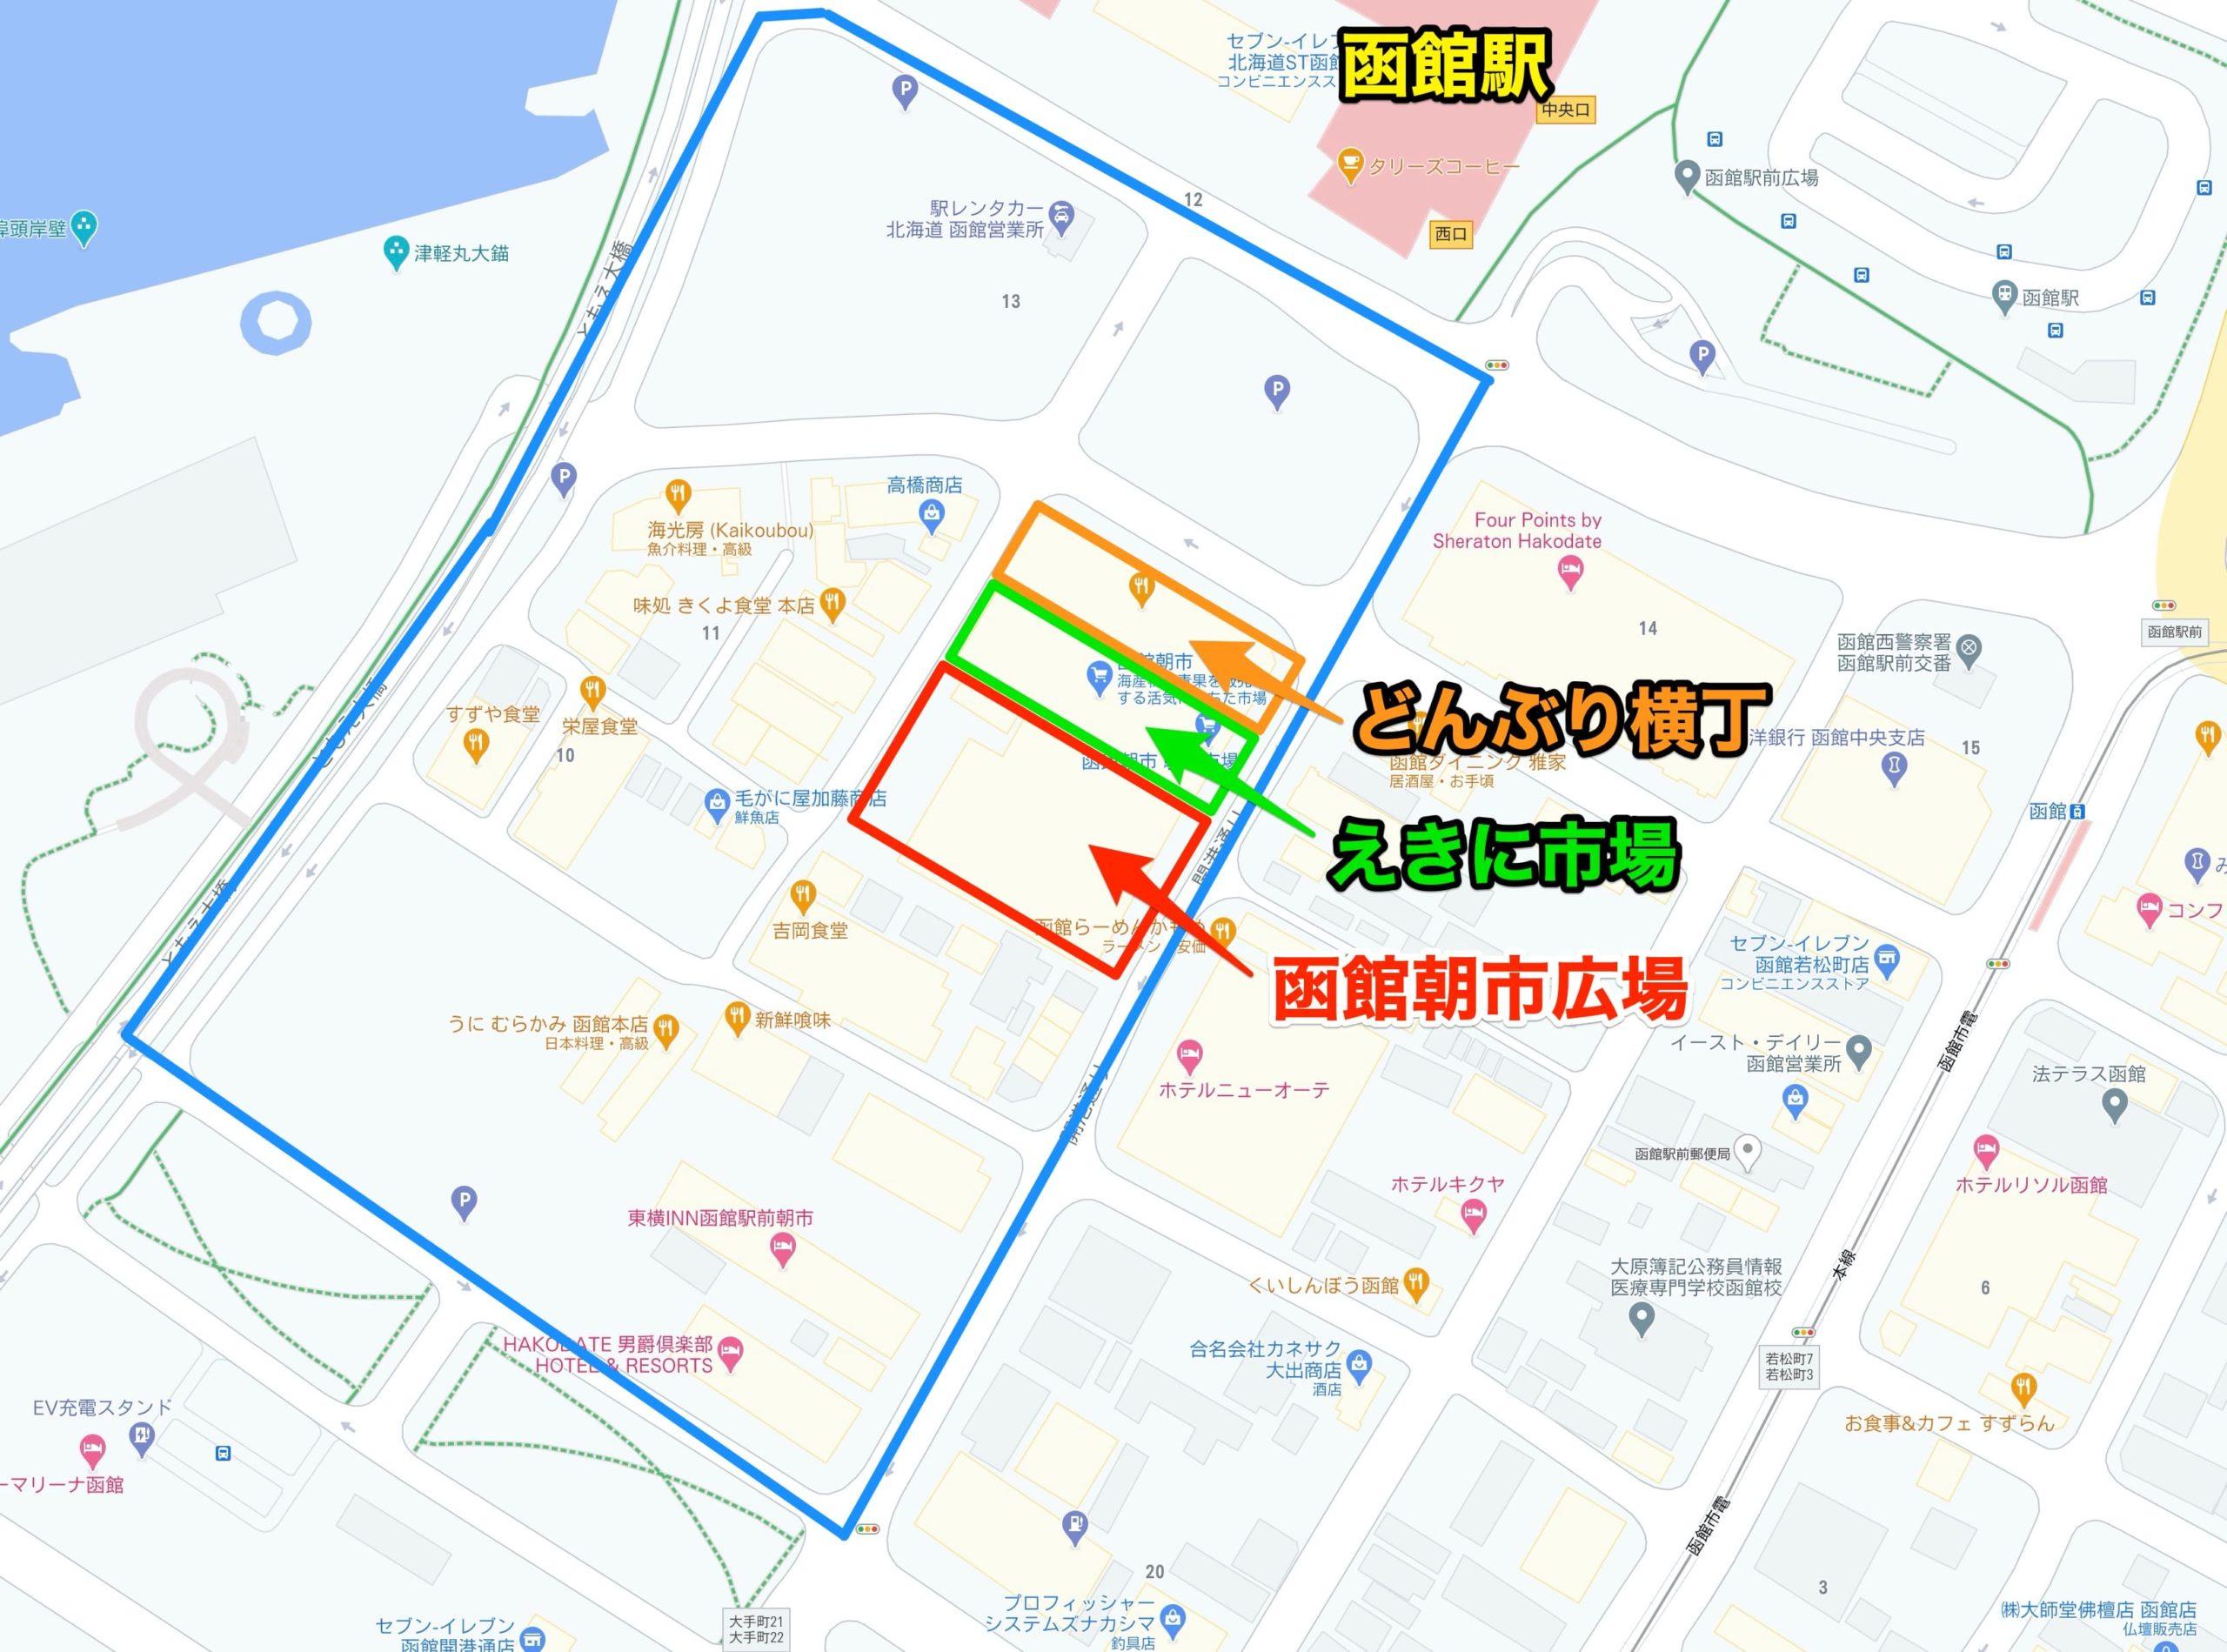 函館朝市地図